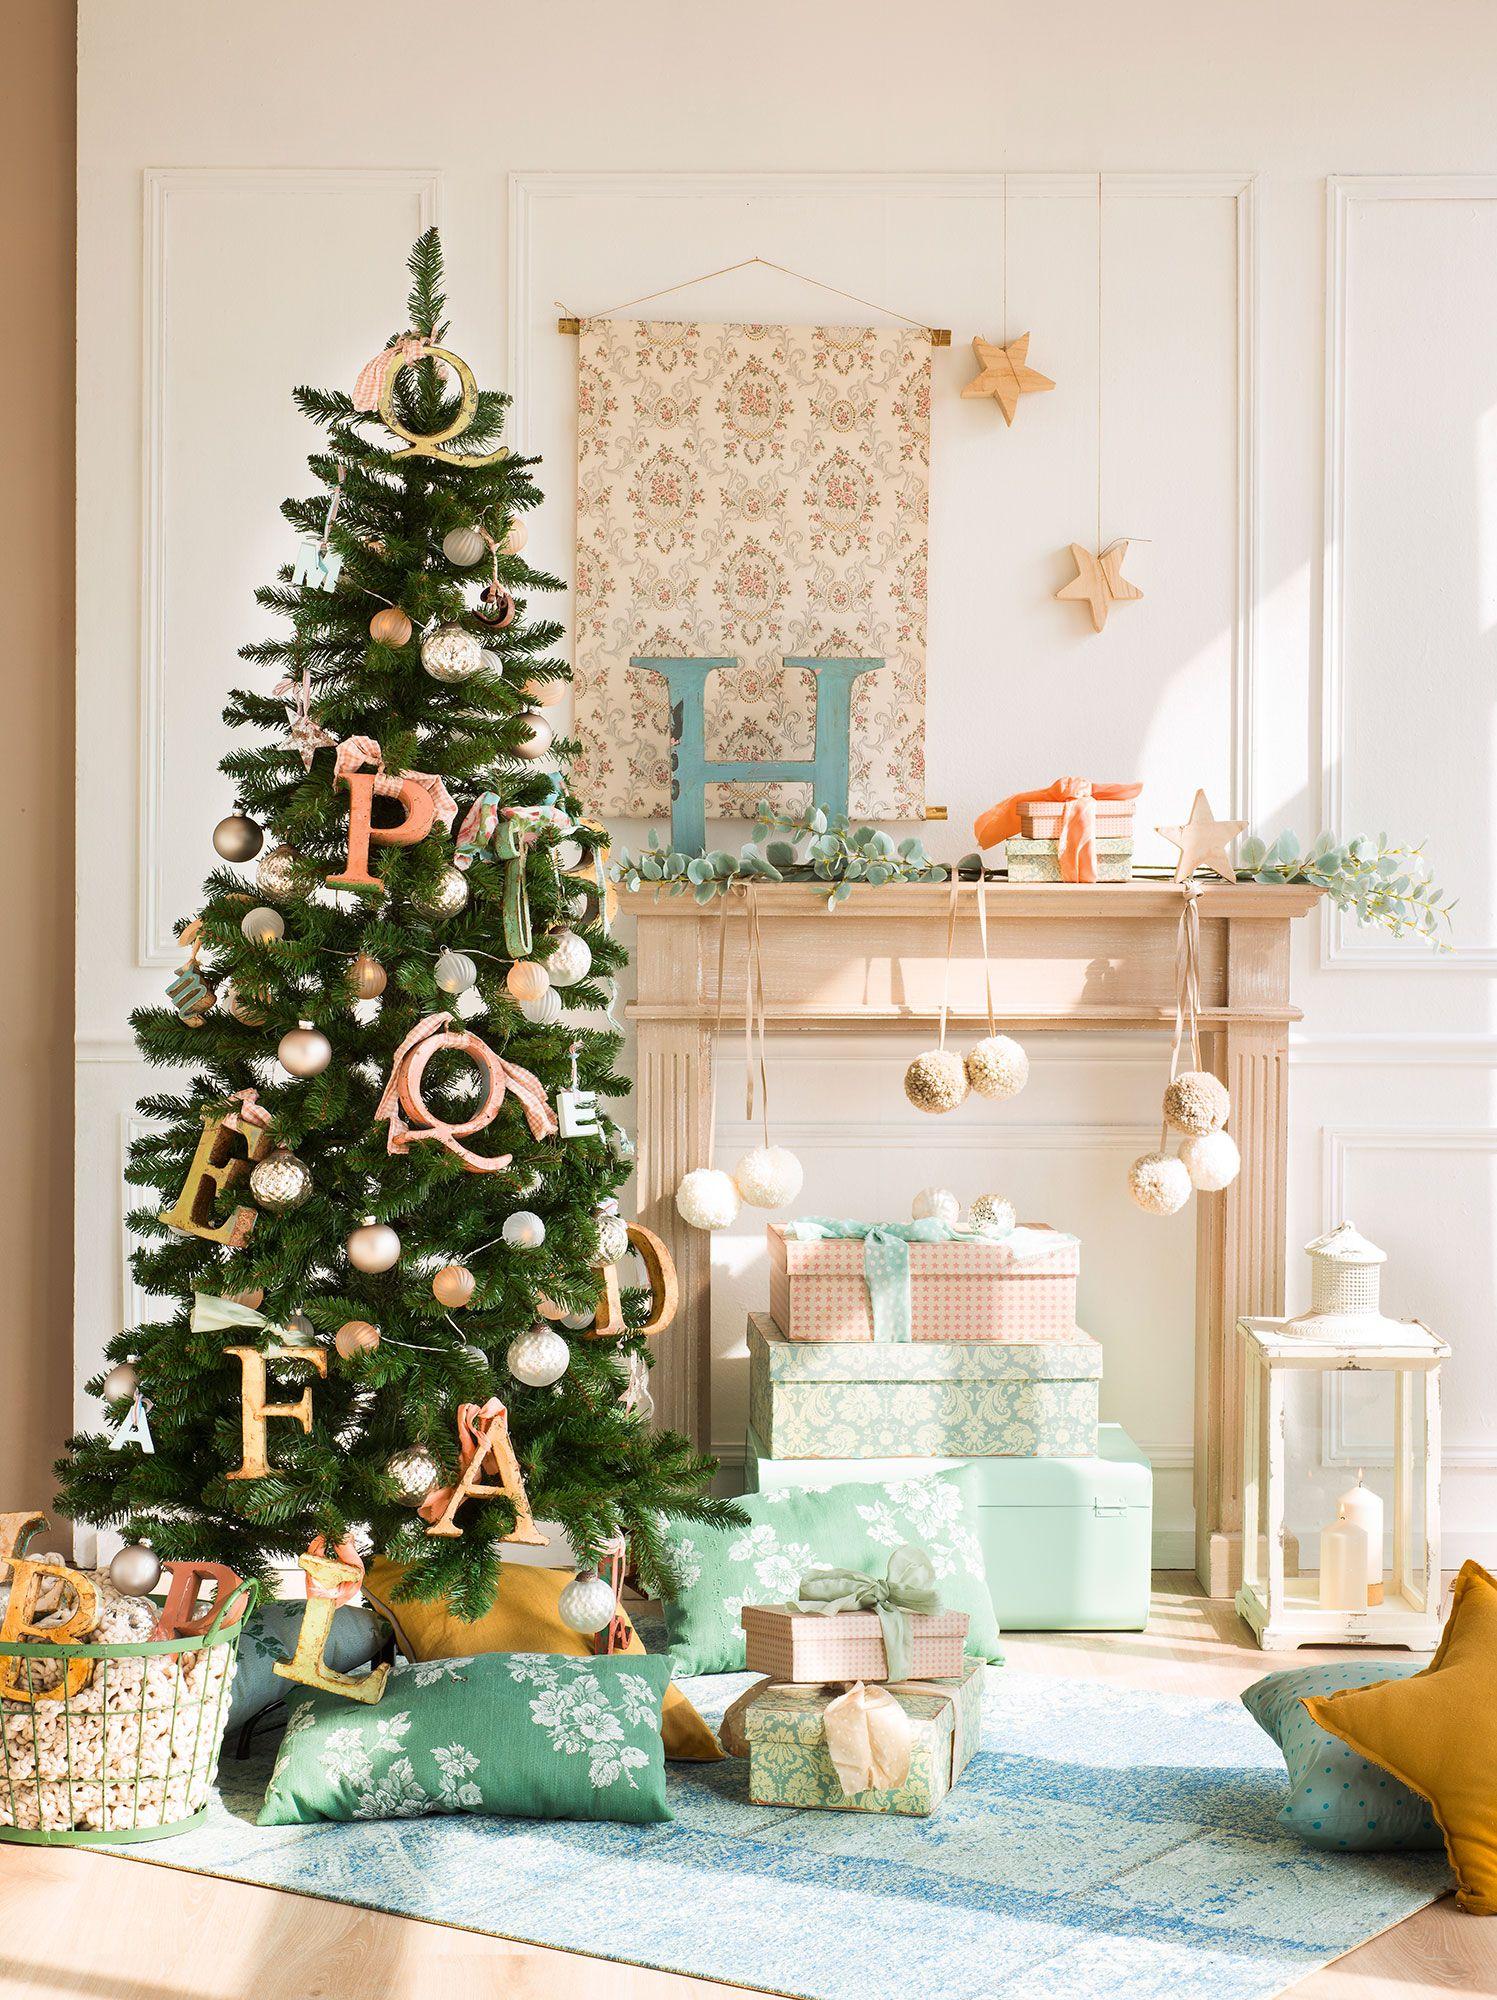 Ideas para decorar el rbol de navidad 3 rboles 3 - Manualidades para decorar el arbol de navidad ...